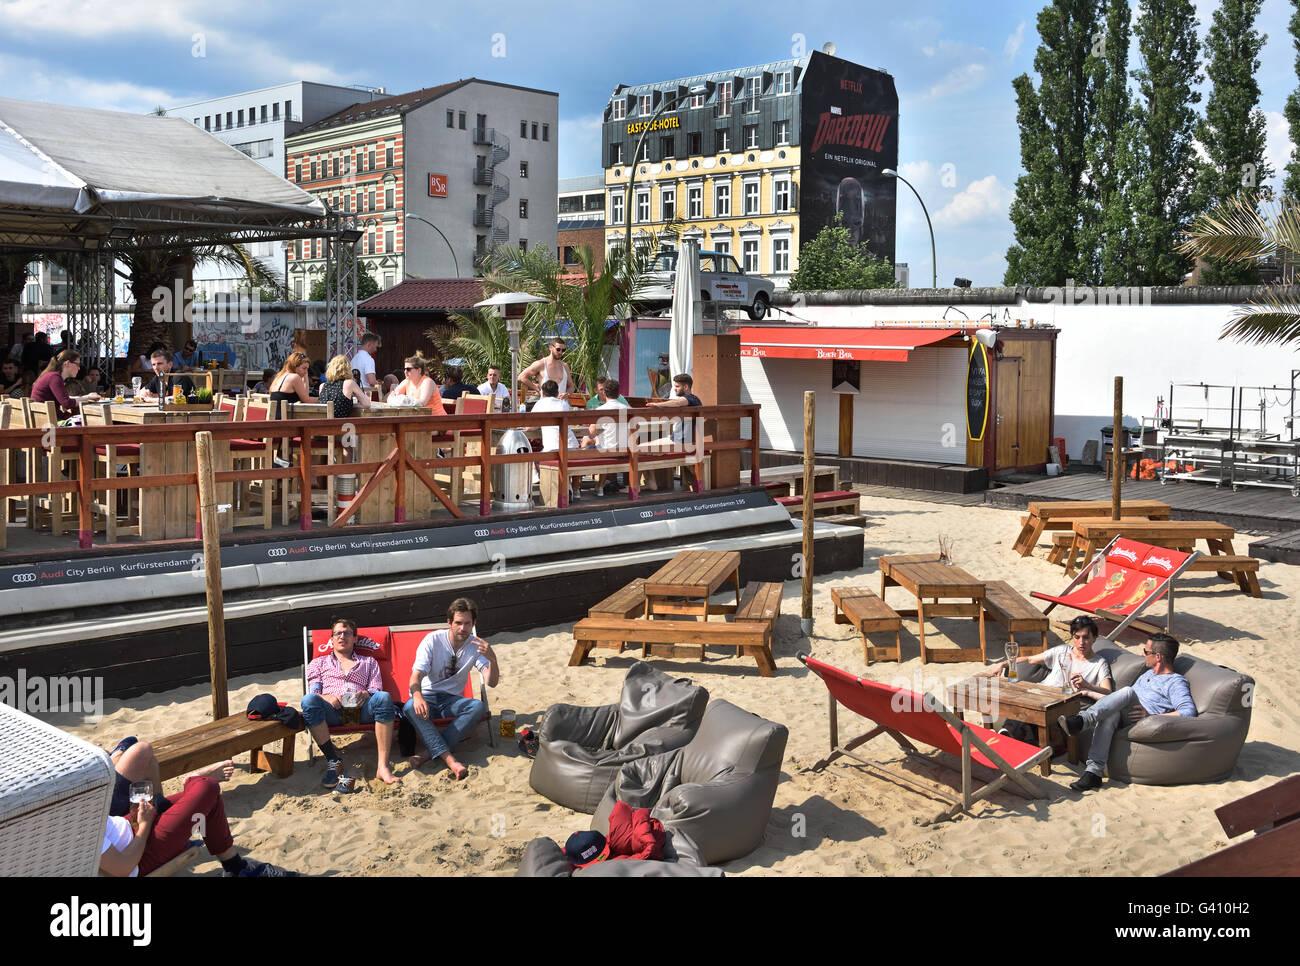 beach bar pub cafe restaurant piraten in der n he von east side gallery abschnitt der deutschen. Black Bedroom Furniture Sets. Home Design Ideas